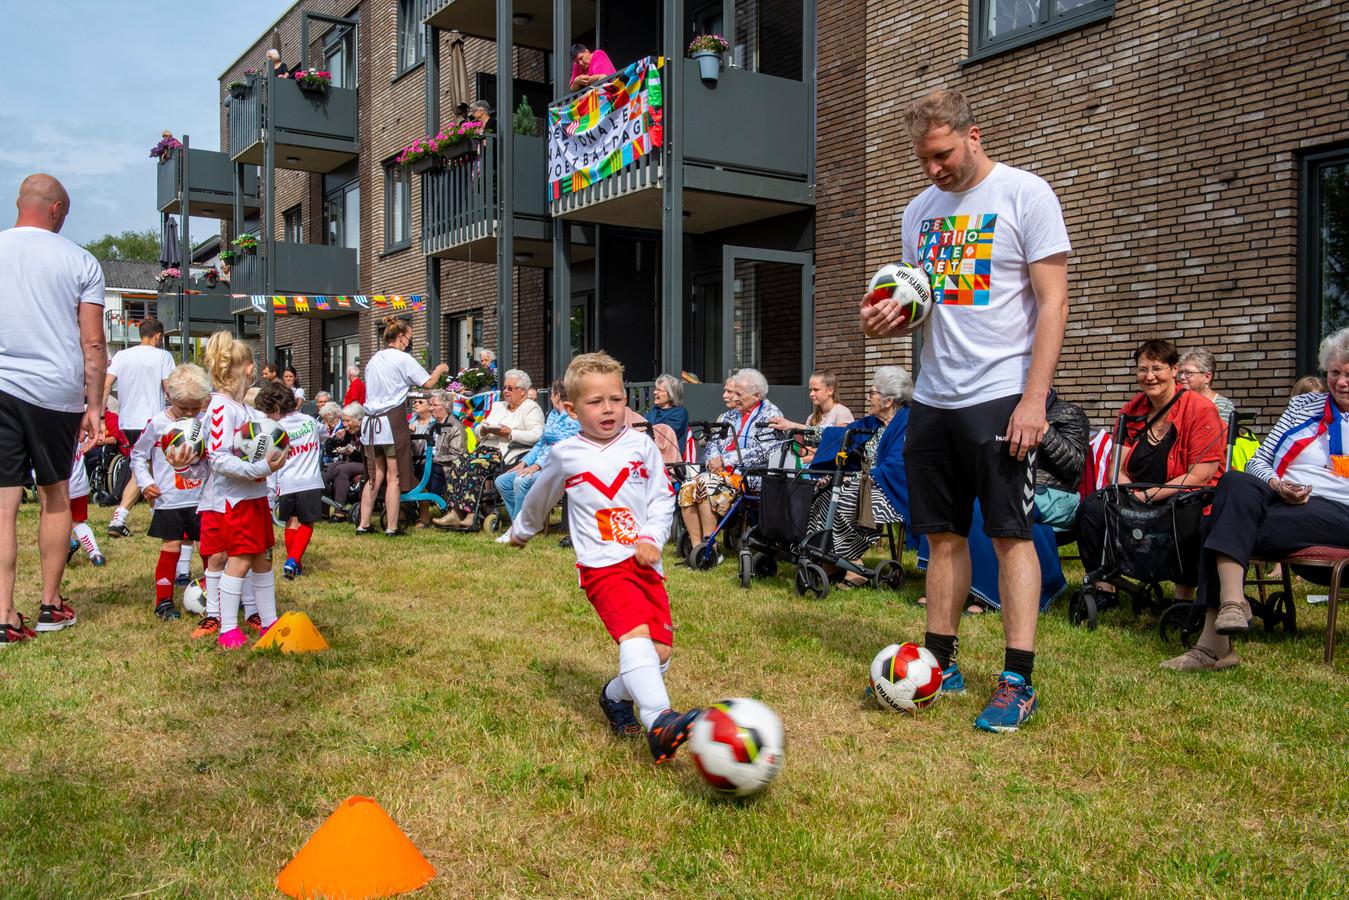 De jongste voetbaltalenten van Valleivogels vermaakten de oudste inwoners van Scherpenzeel tijdens de Nationale Voetbaldag.